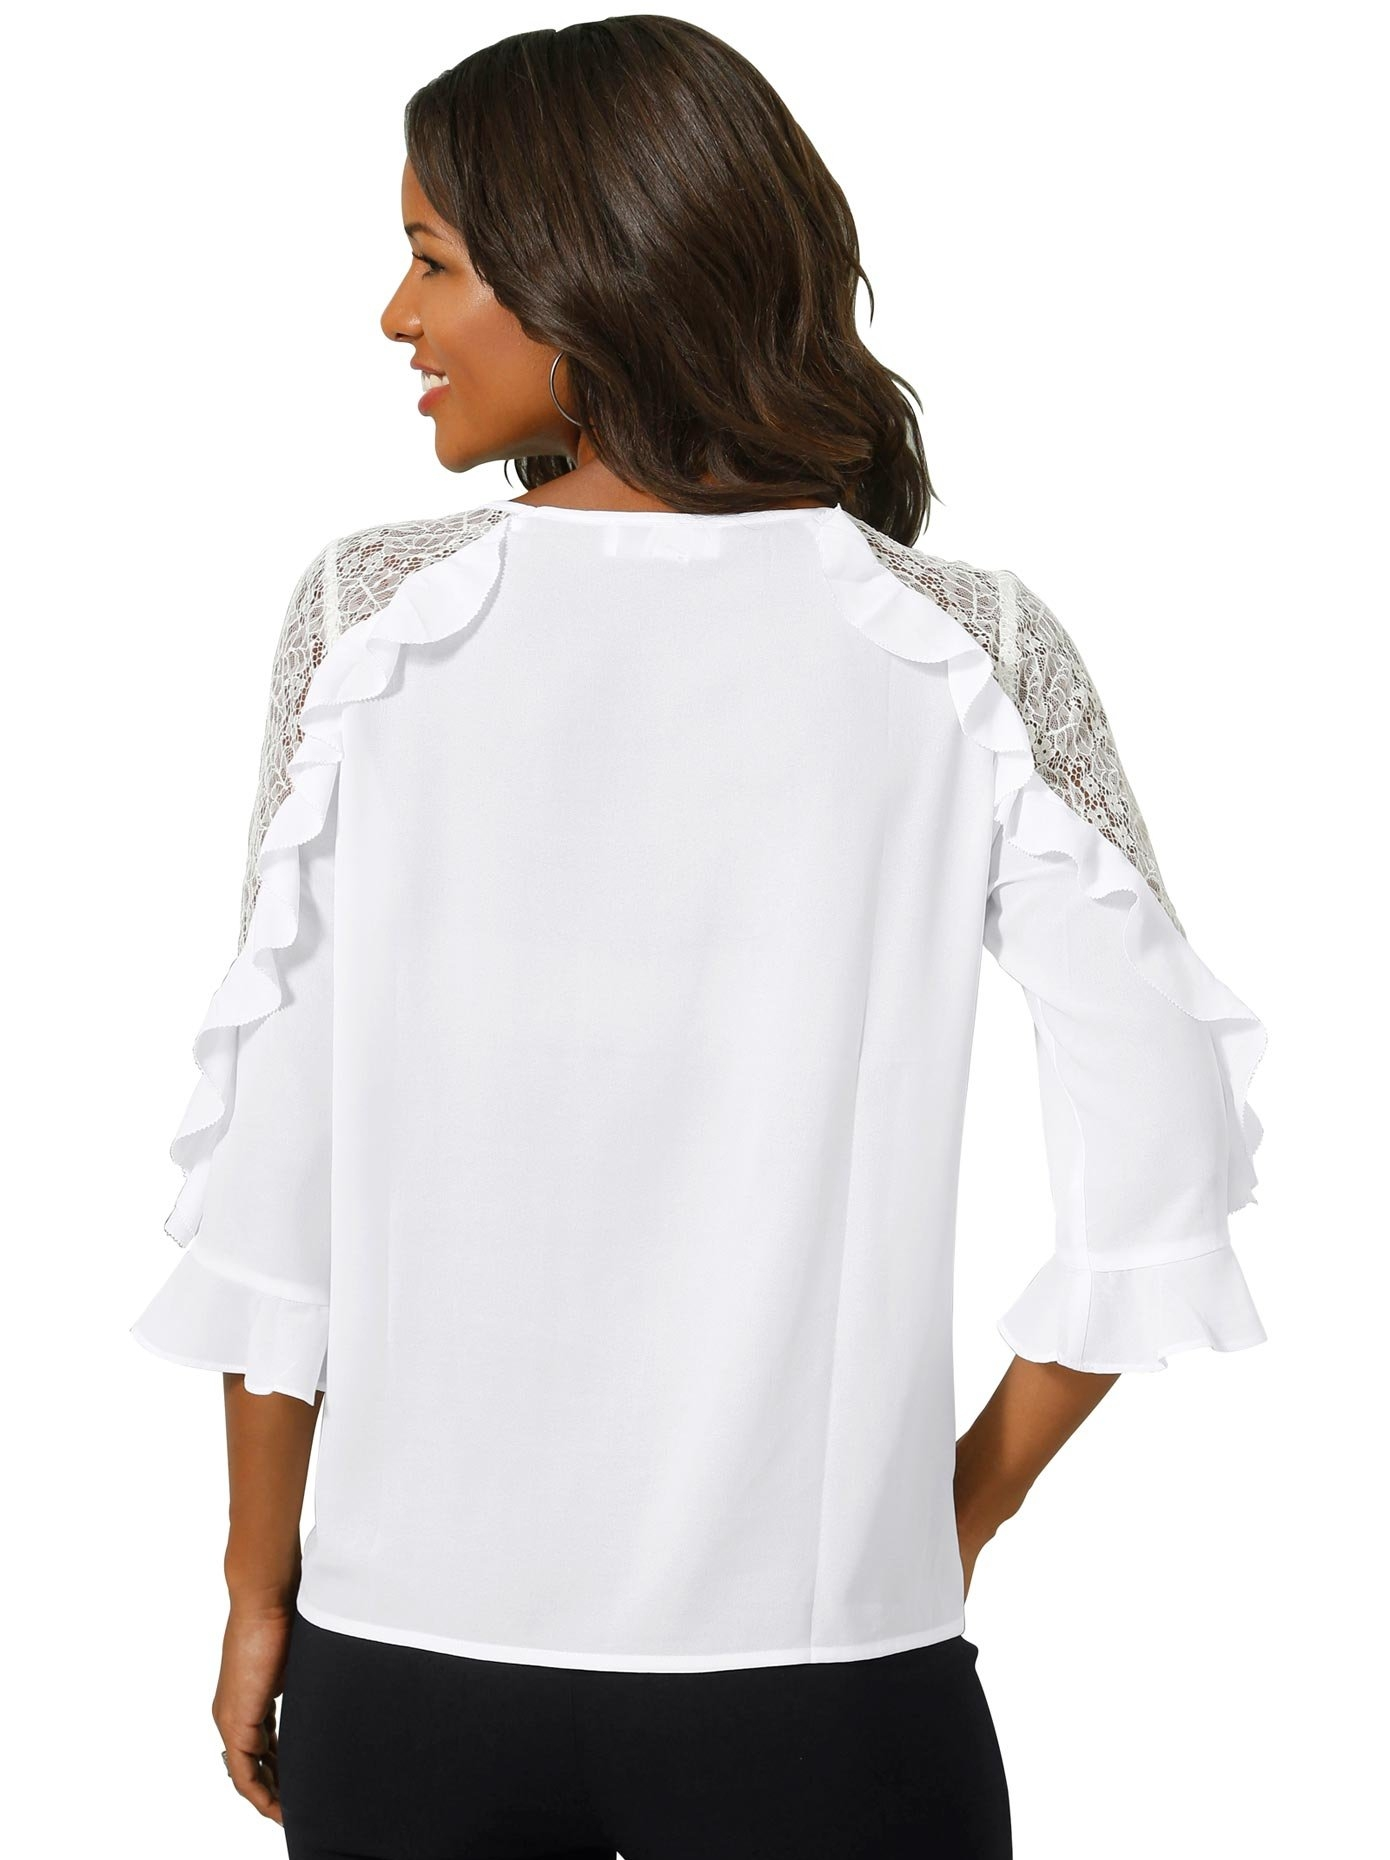 Alessa W. kanten blouse - verschillende betaalmethodes